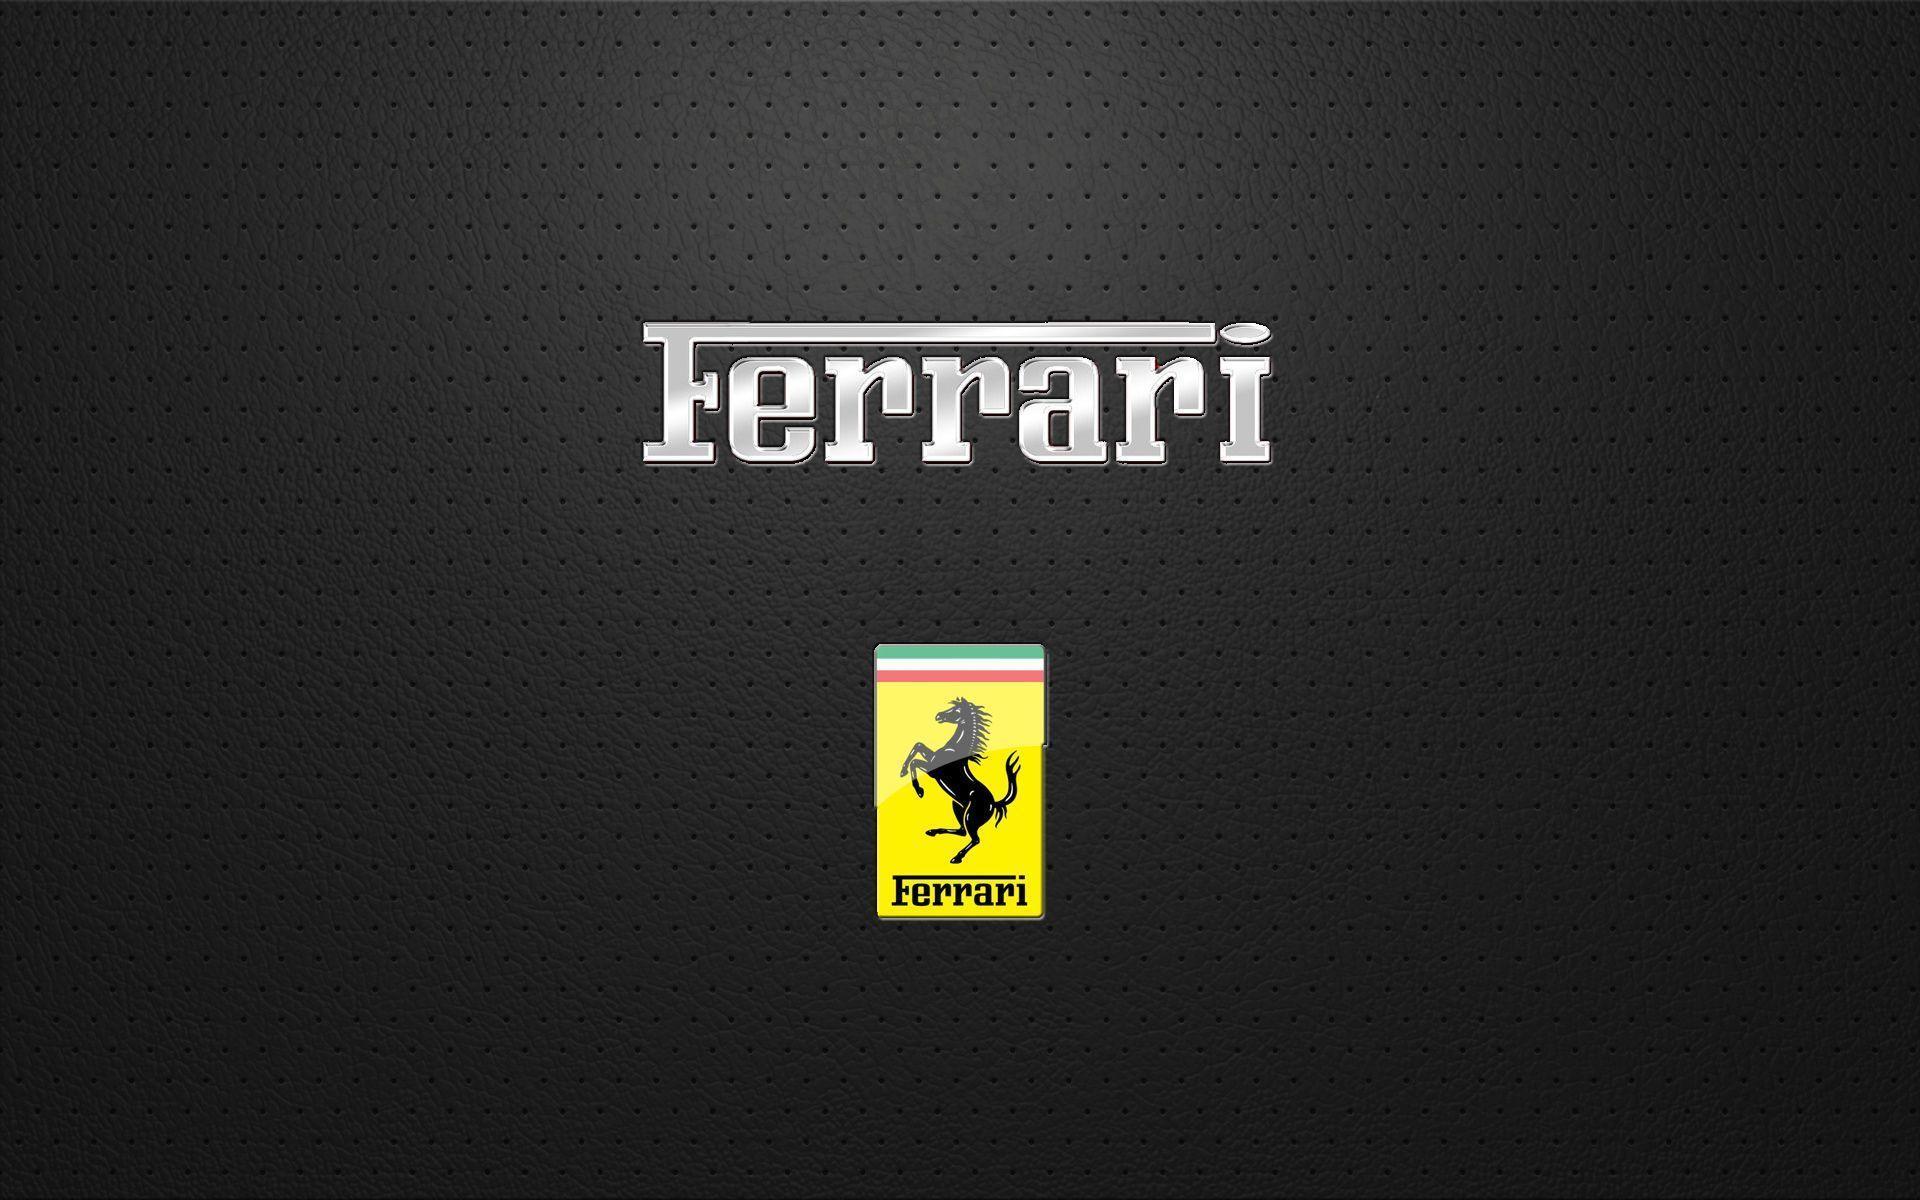 Ferrari Logo Wallpaper 19 Backgrounds | Wallruru.